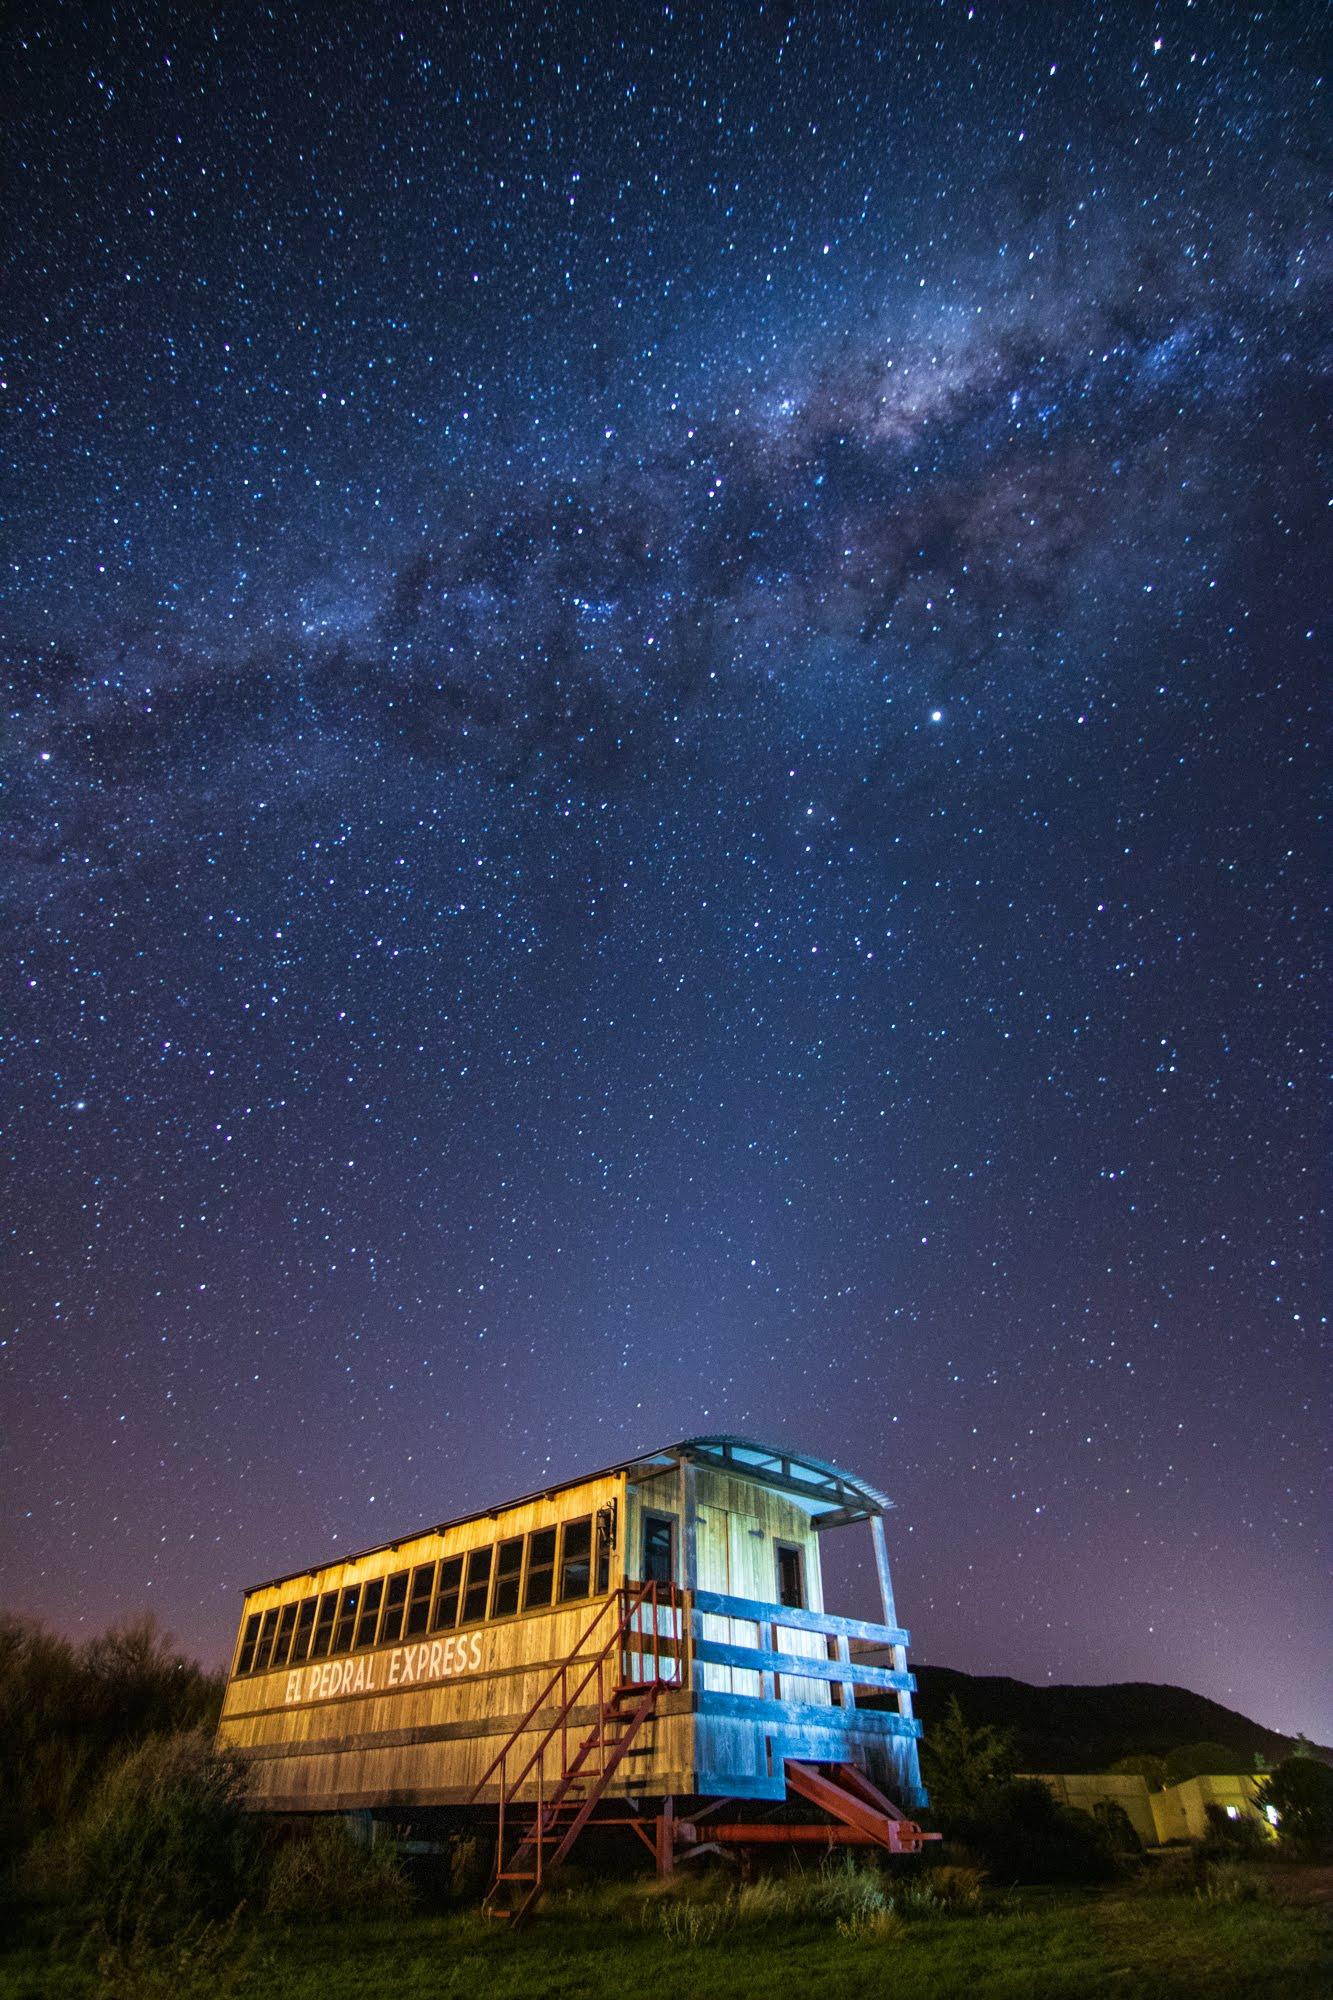 Fotografía Nocturna de paisajes